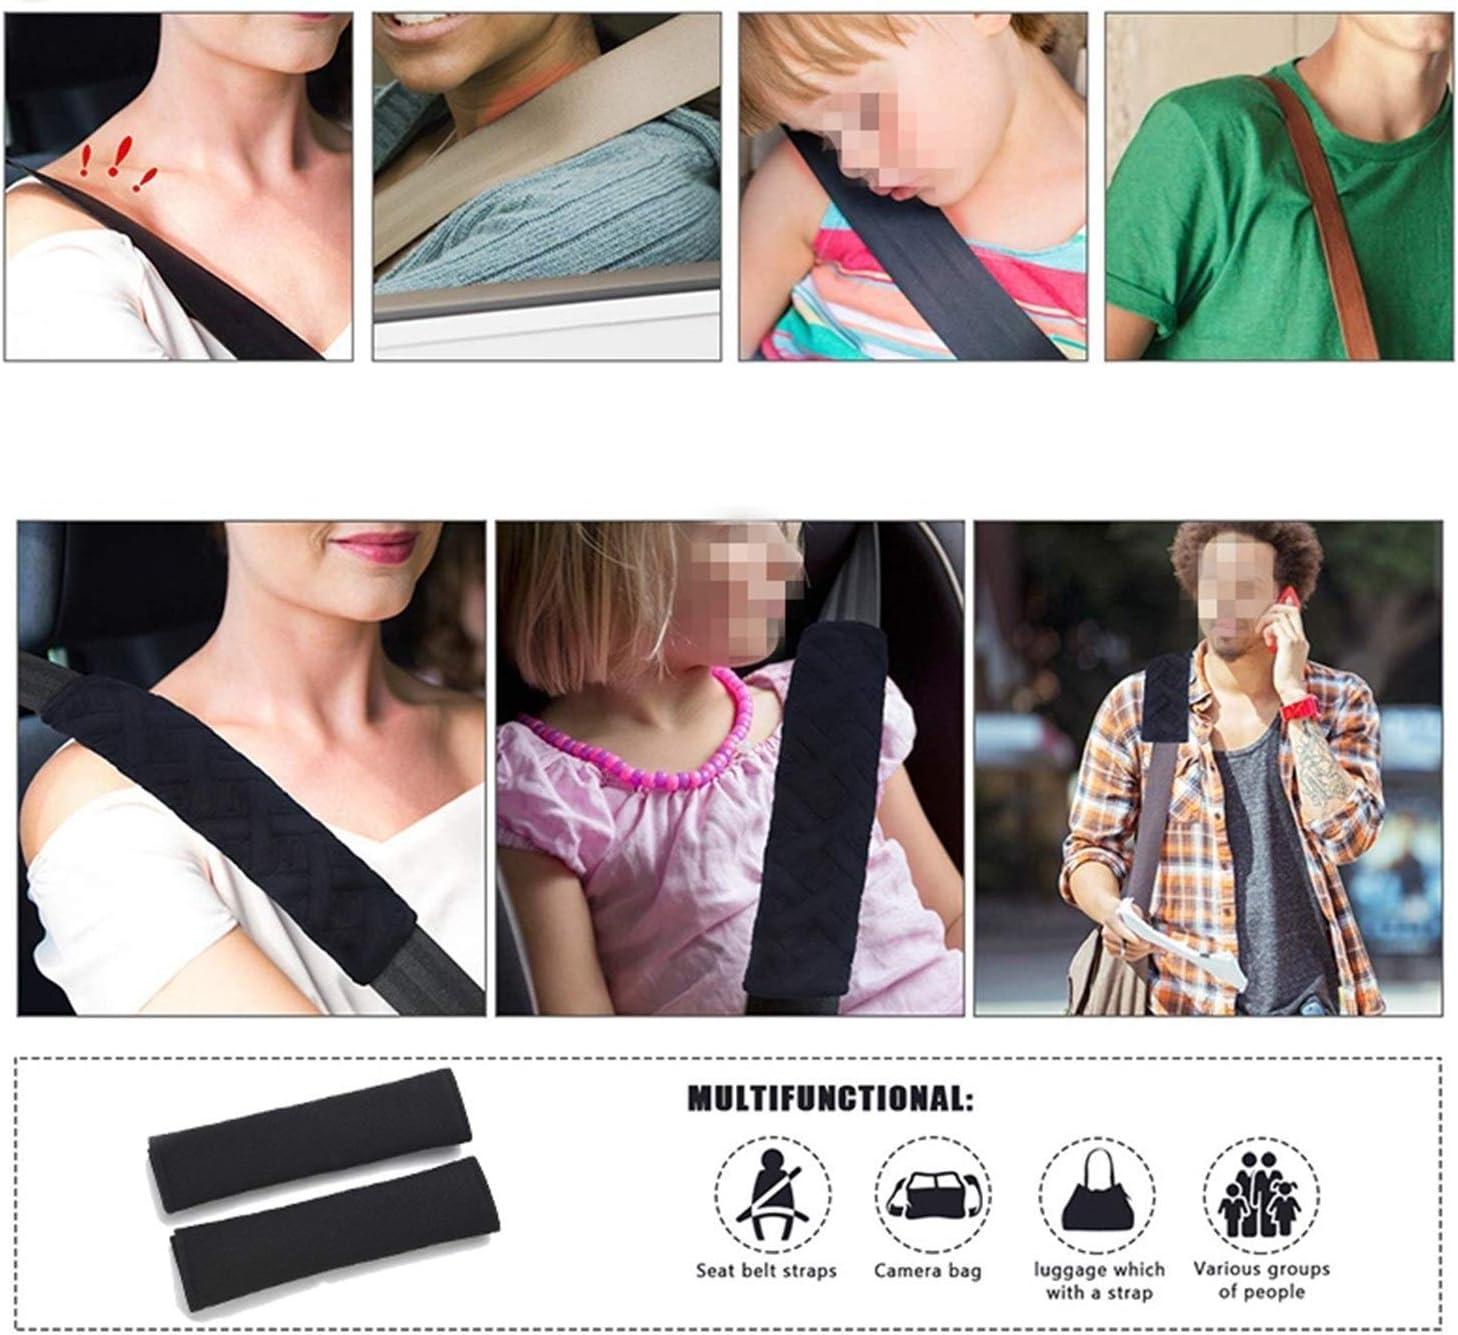 Sicherheitsgurtpolster F/ür Autos Farbe : Blau, Gr/ö/ße : 1pc Sicherheitsgurtschutz YZJC Schultergurt Aus 100/% Baumwolle F/ür Alle Autos Geeignet